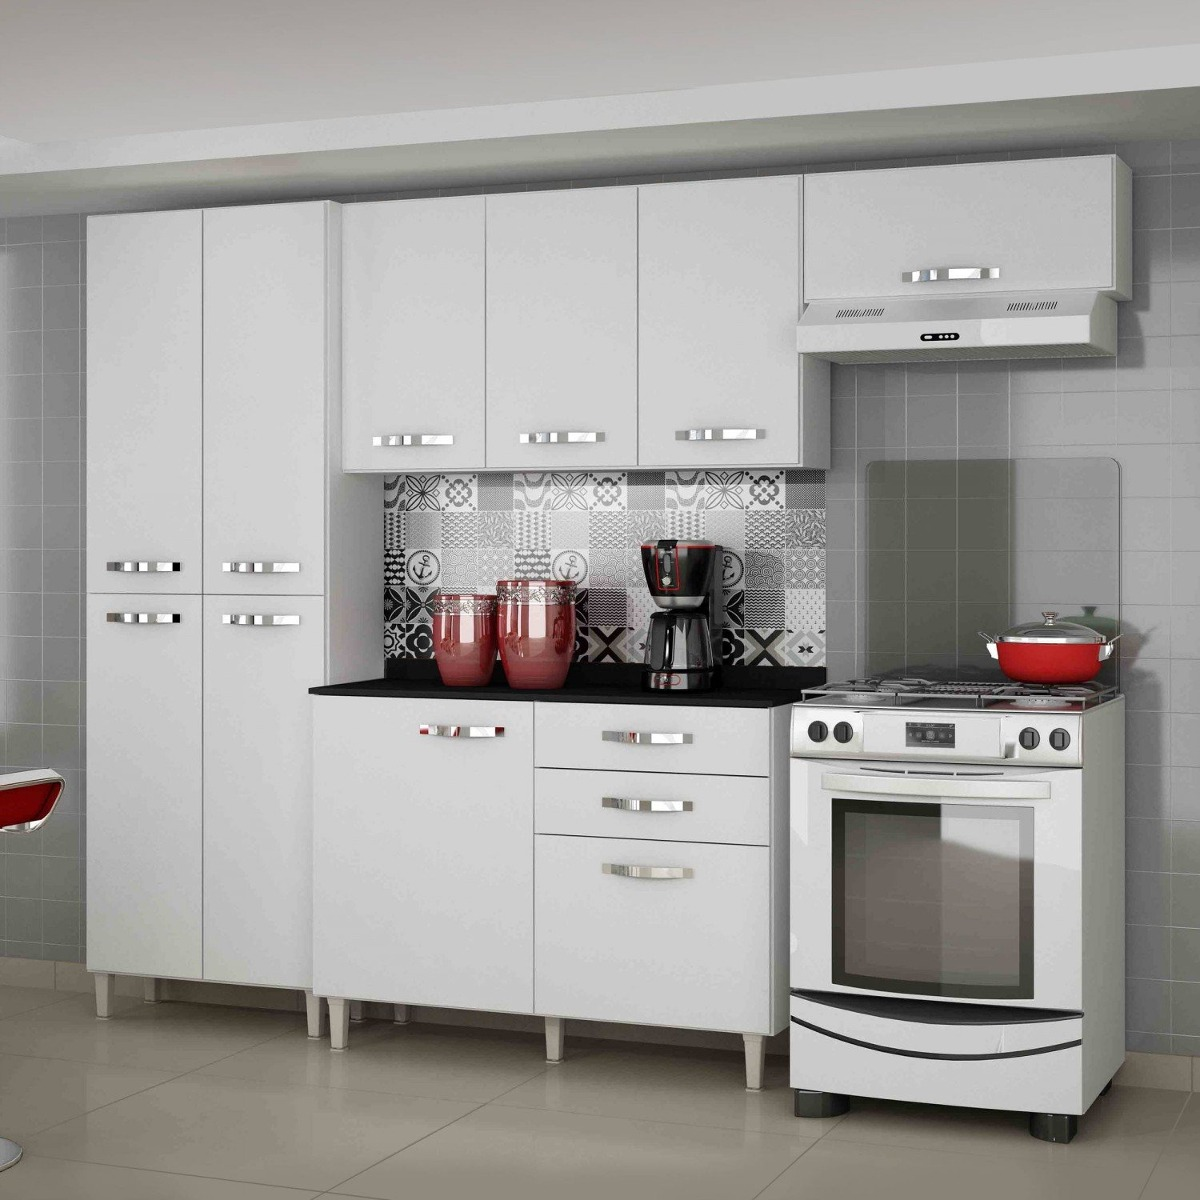 Cozinha Completa Balc O Com Tampo 4 Pe As Azal Ia He R 849 90 Em